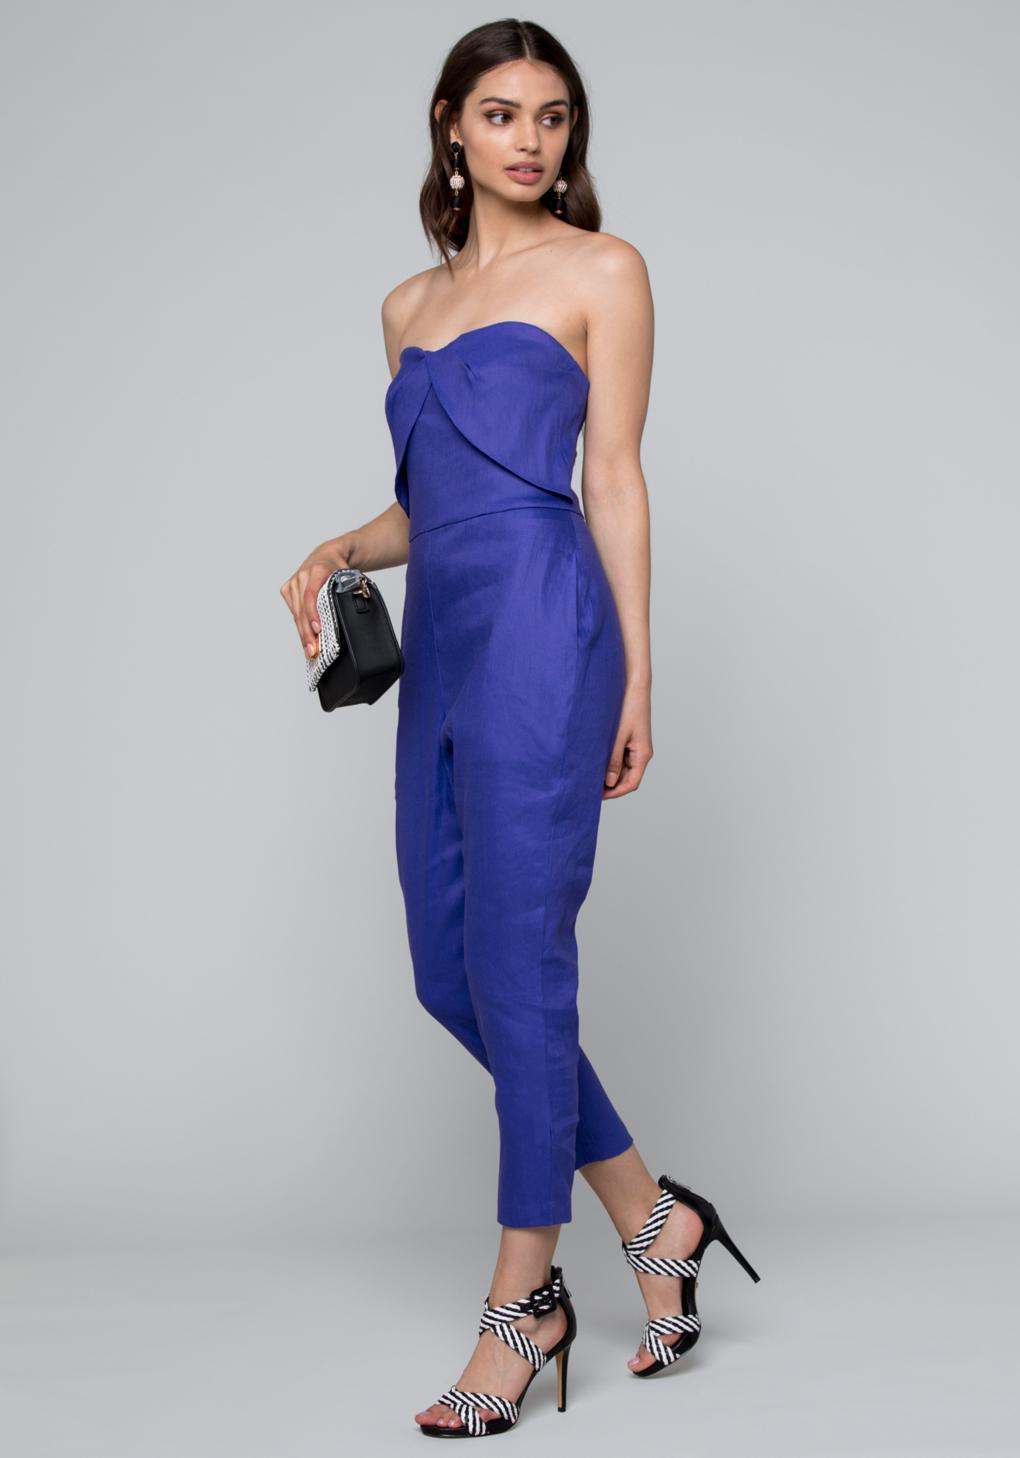 088d6cce4d0 Bebe Linen Bustier Jumpsuit in Blue - Lyst